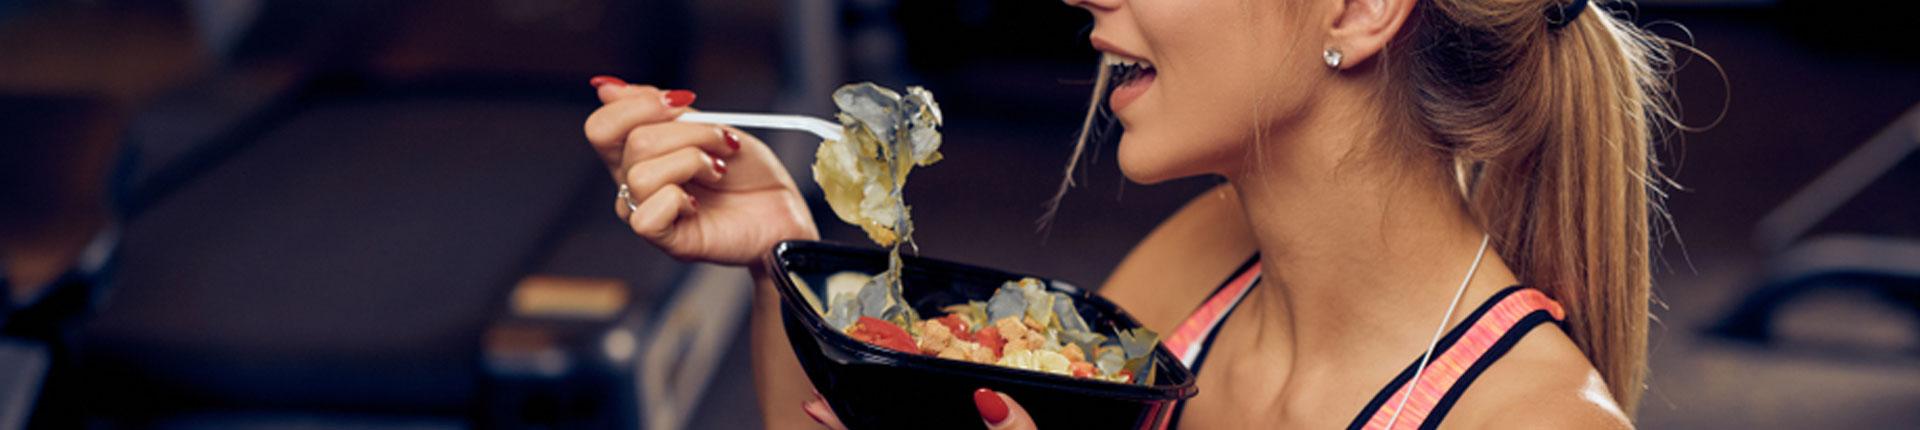 Dieta redukcyjna - co obciąć, kalorie czy węglowodany?